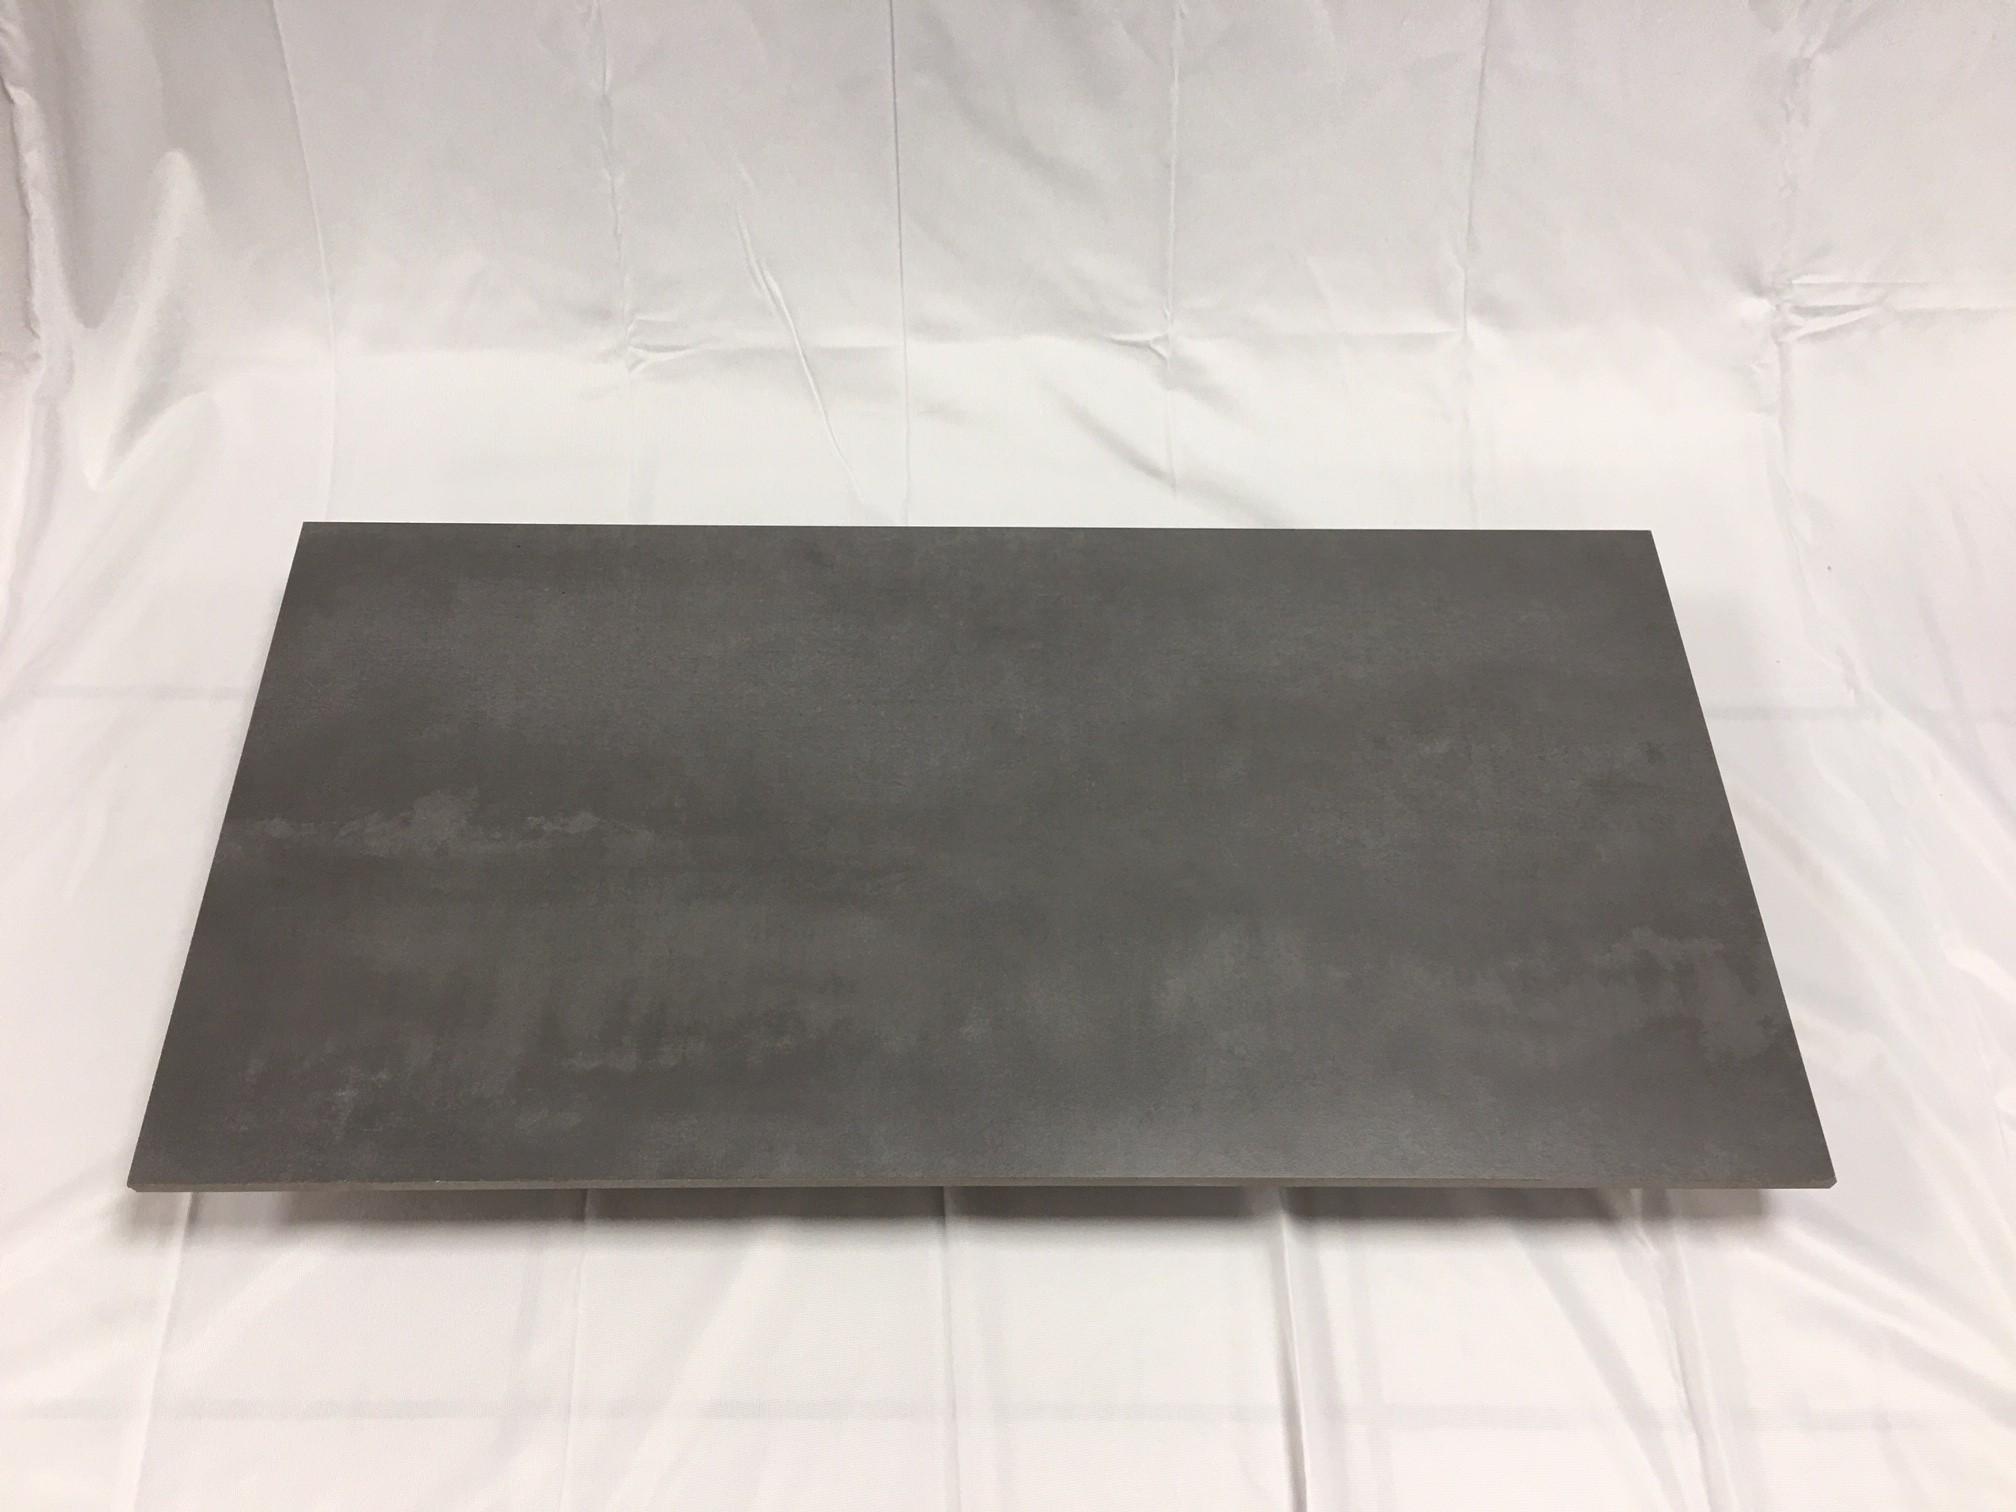 Pavimento Grigio Antracite : Pavimento in gres mm spessore grigio antracite